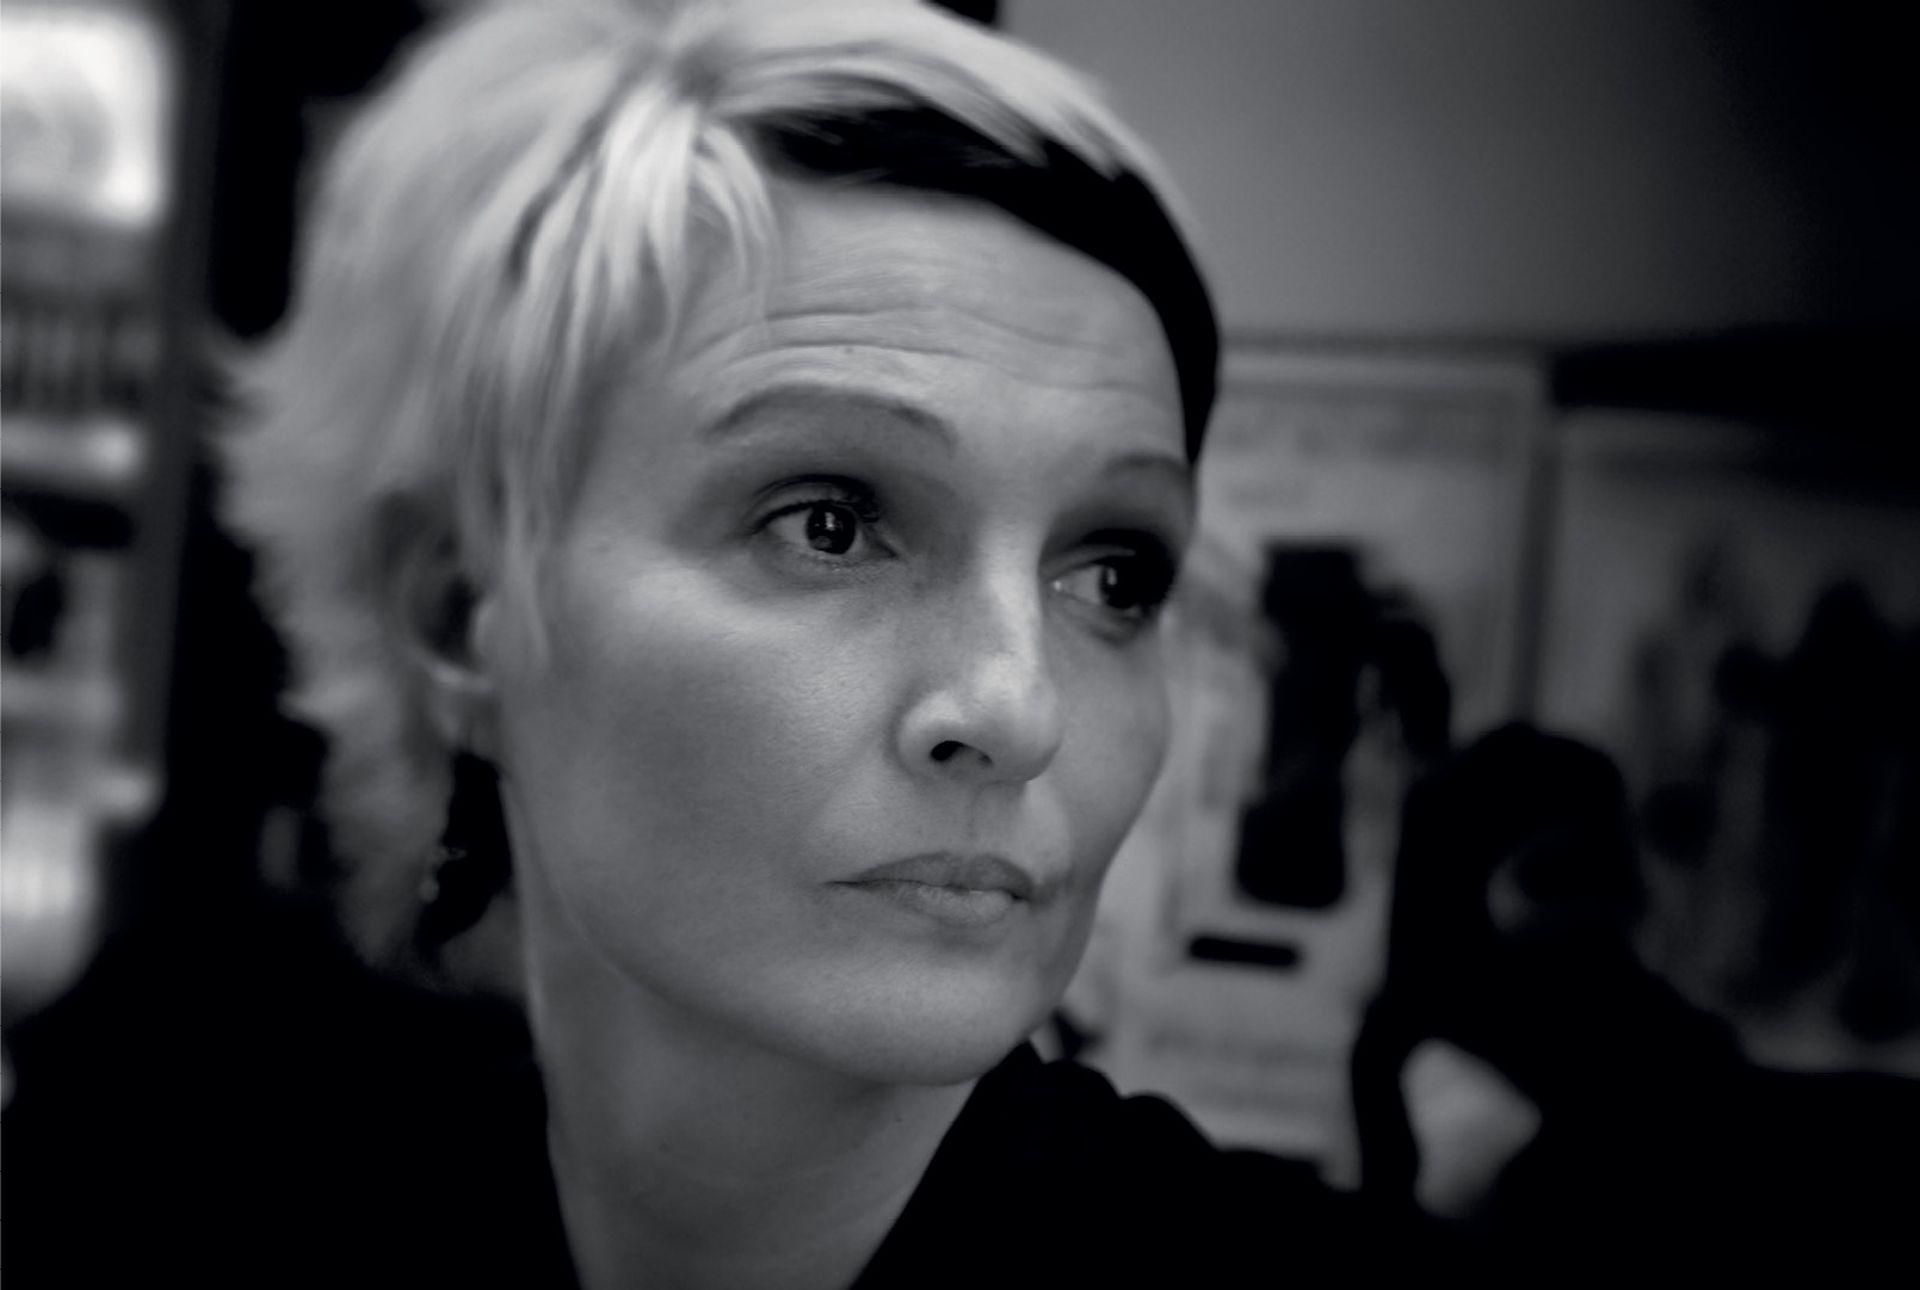 INTERVIEW: BRANKICA DRAŠKOVIĆ 'Moja TV serija svjedoči o borbi rokera protiv ratova u Jugoslaviji'